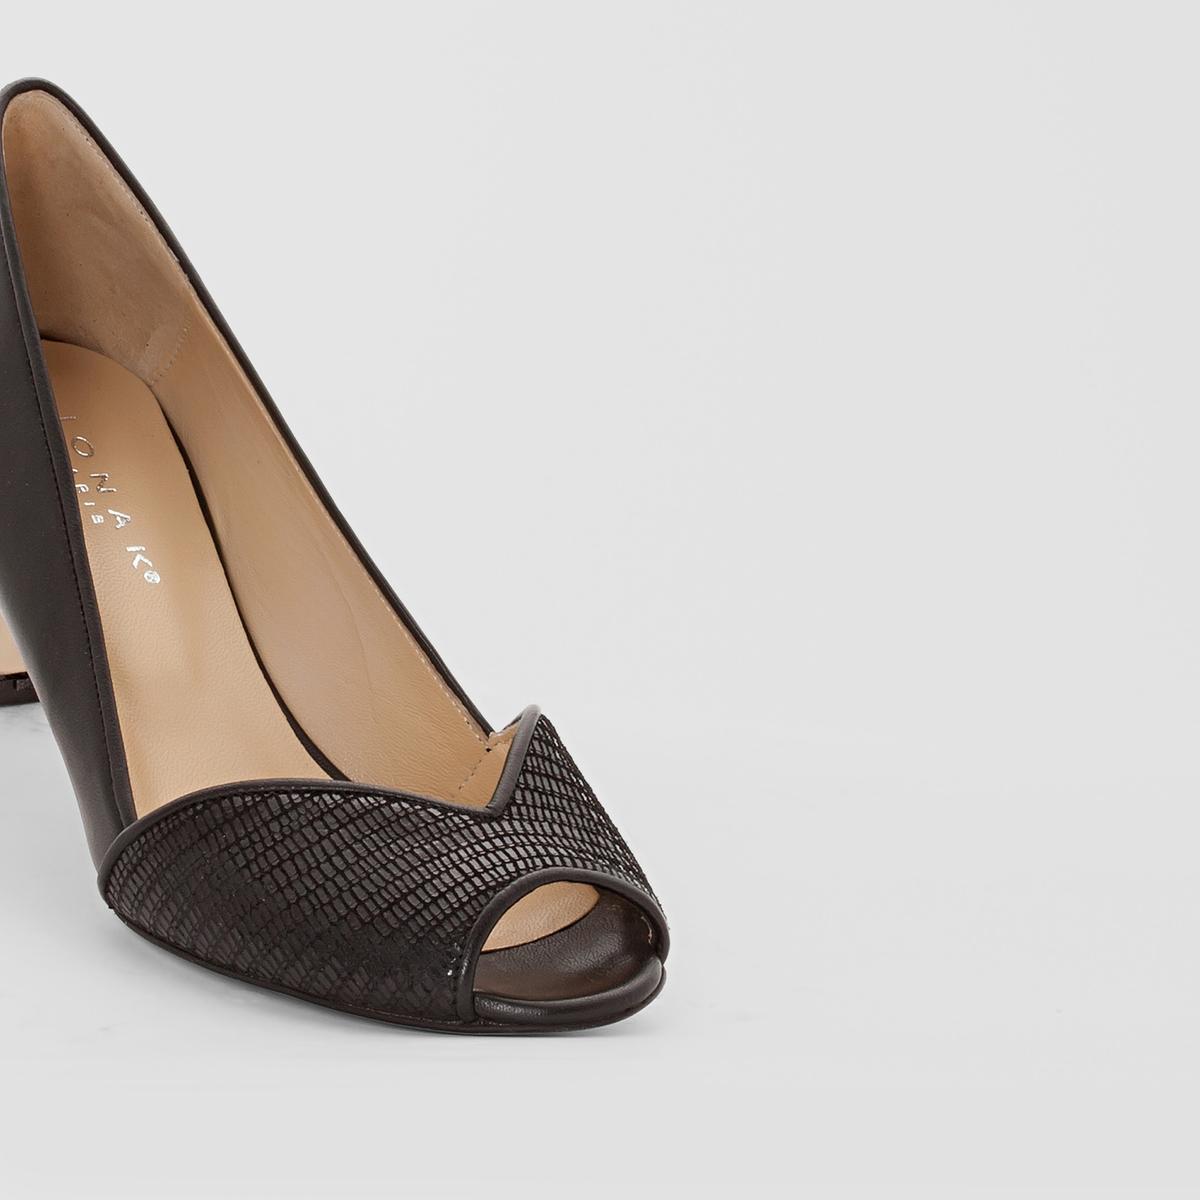 Туфли кожаные с открытым мыскомJONAKОткрытые кожаные туфли JONAKВерх : Кожа (яловичная)Подкладка : кожа Стелька : кожа Подошва : из эластомераВысота каблука : 4,5 смЗастежка : без застежки.Преимущества:   : Туфли JONAK с открытым мыском делают ставку на элегантность за счёт сочетания двух неброских материалов и на сдержанность благодаря каблукам средней высоты.<br><br>Цвет: черный<br>Размер: 37.36